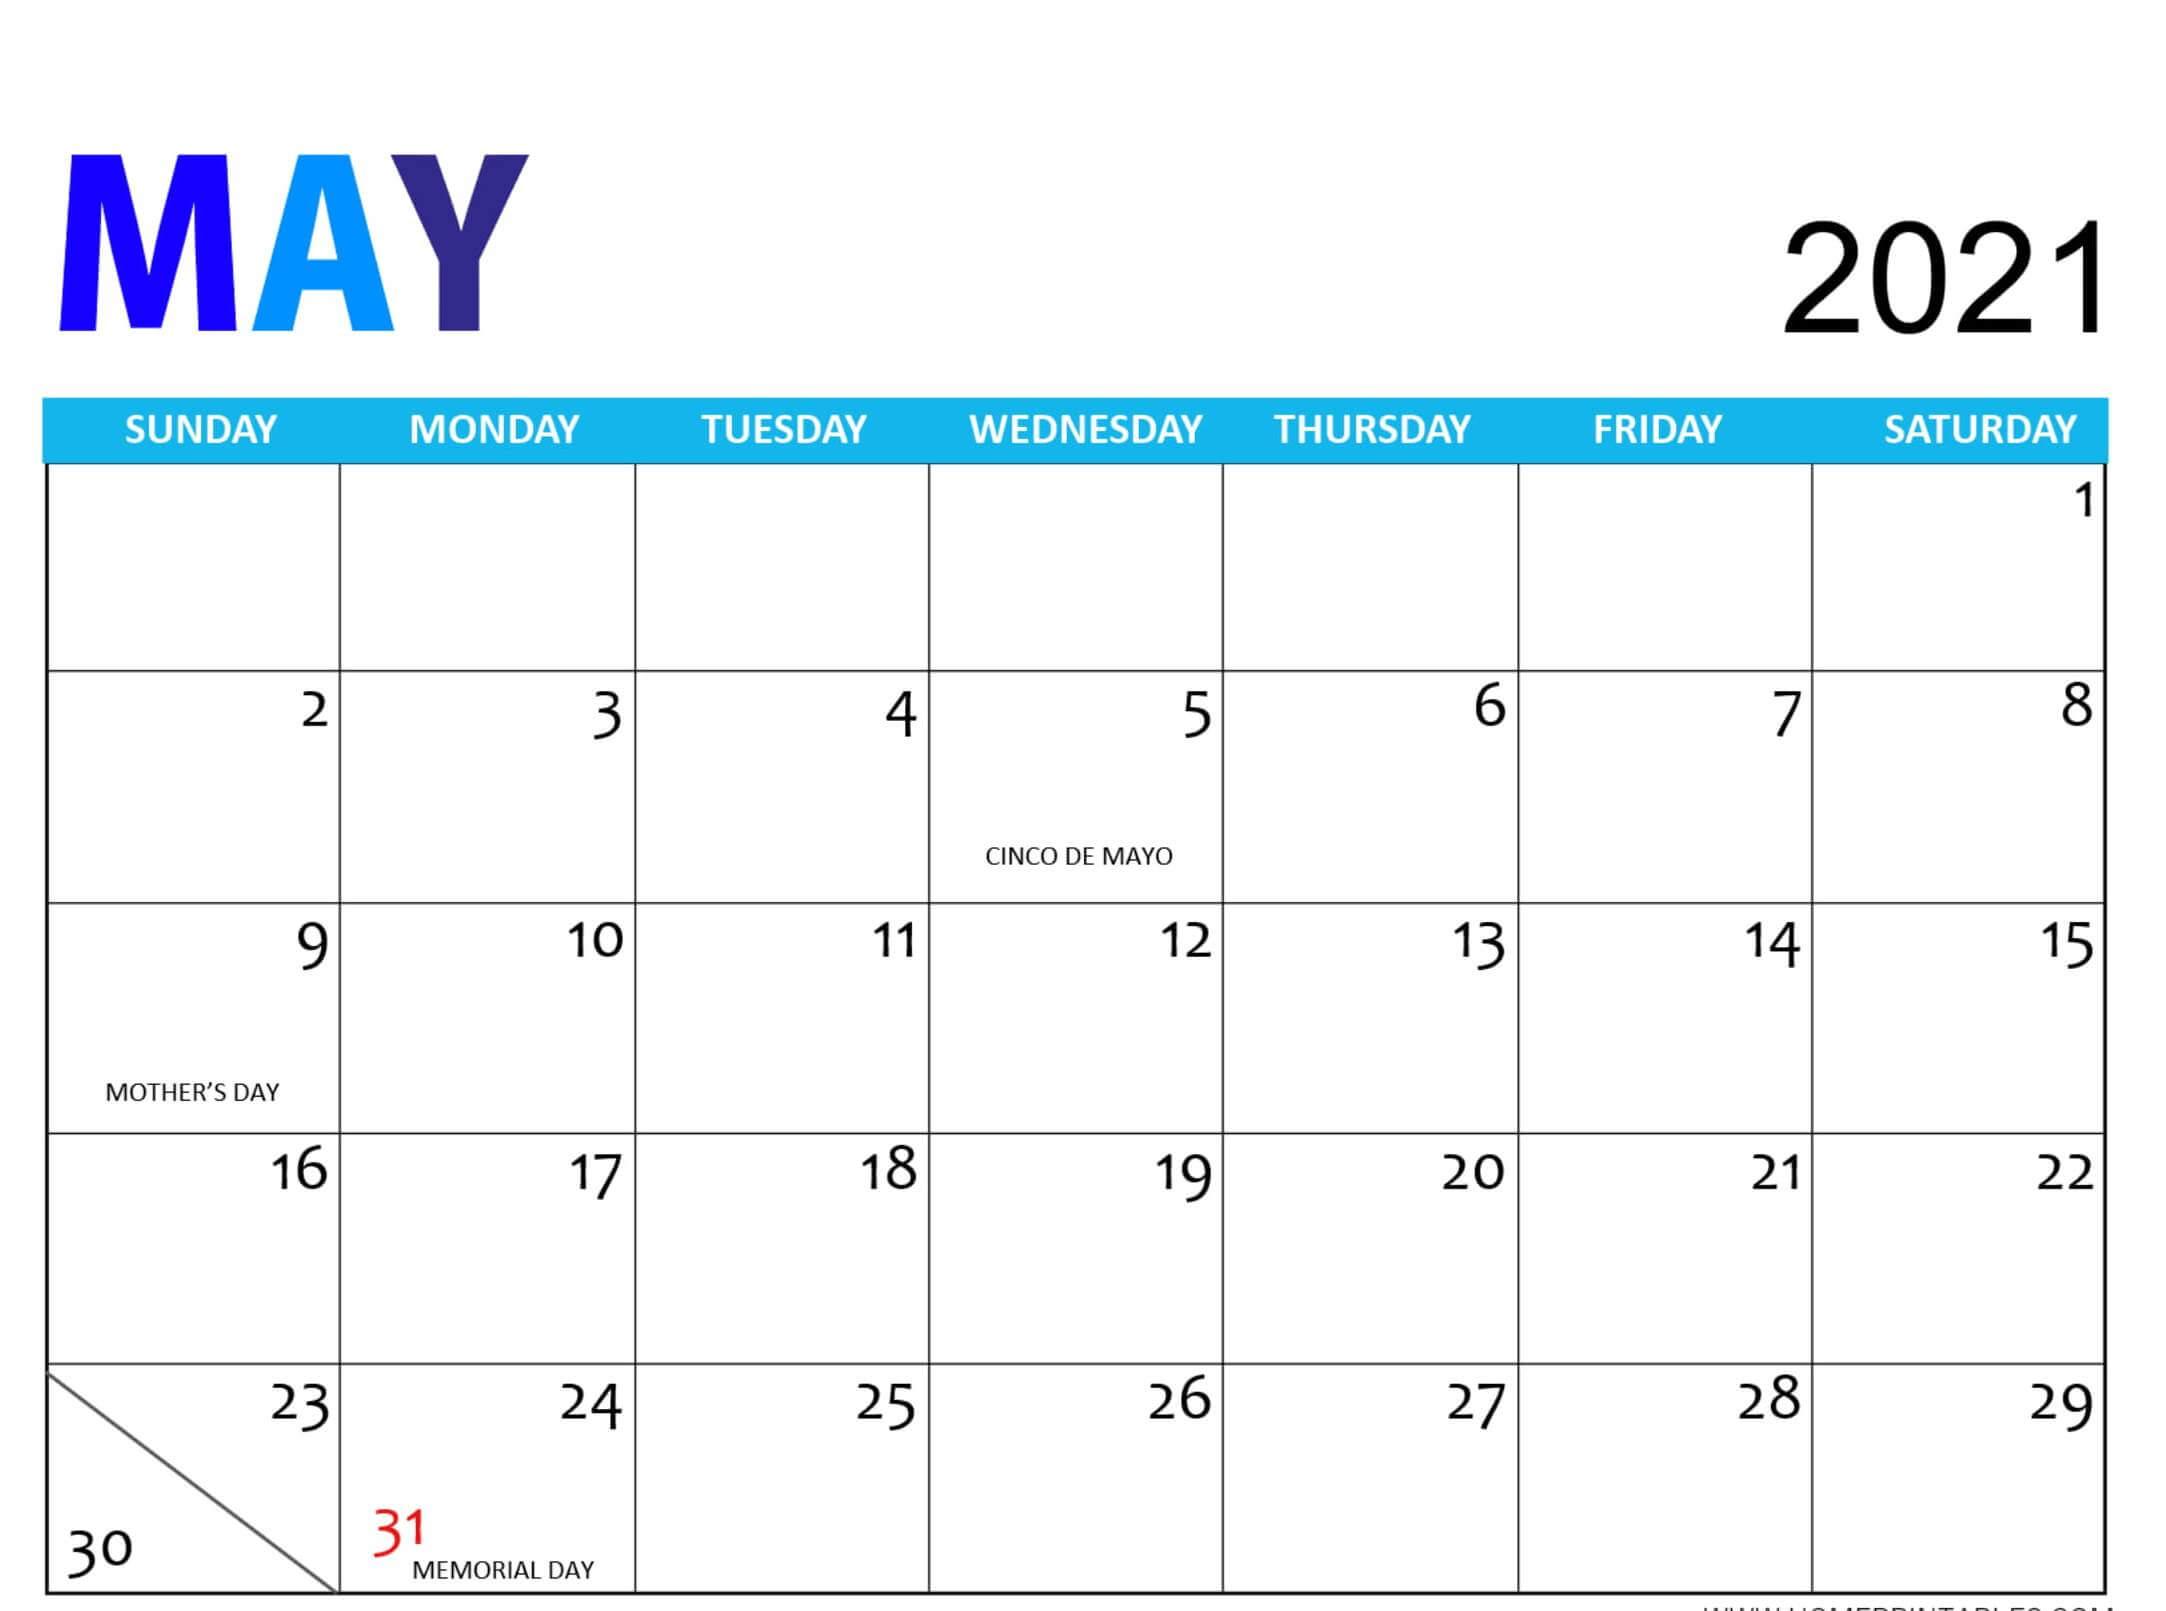 Holidays Calendar May 2021